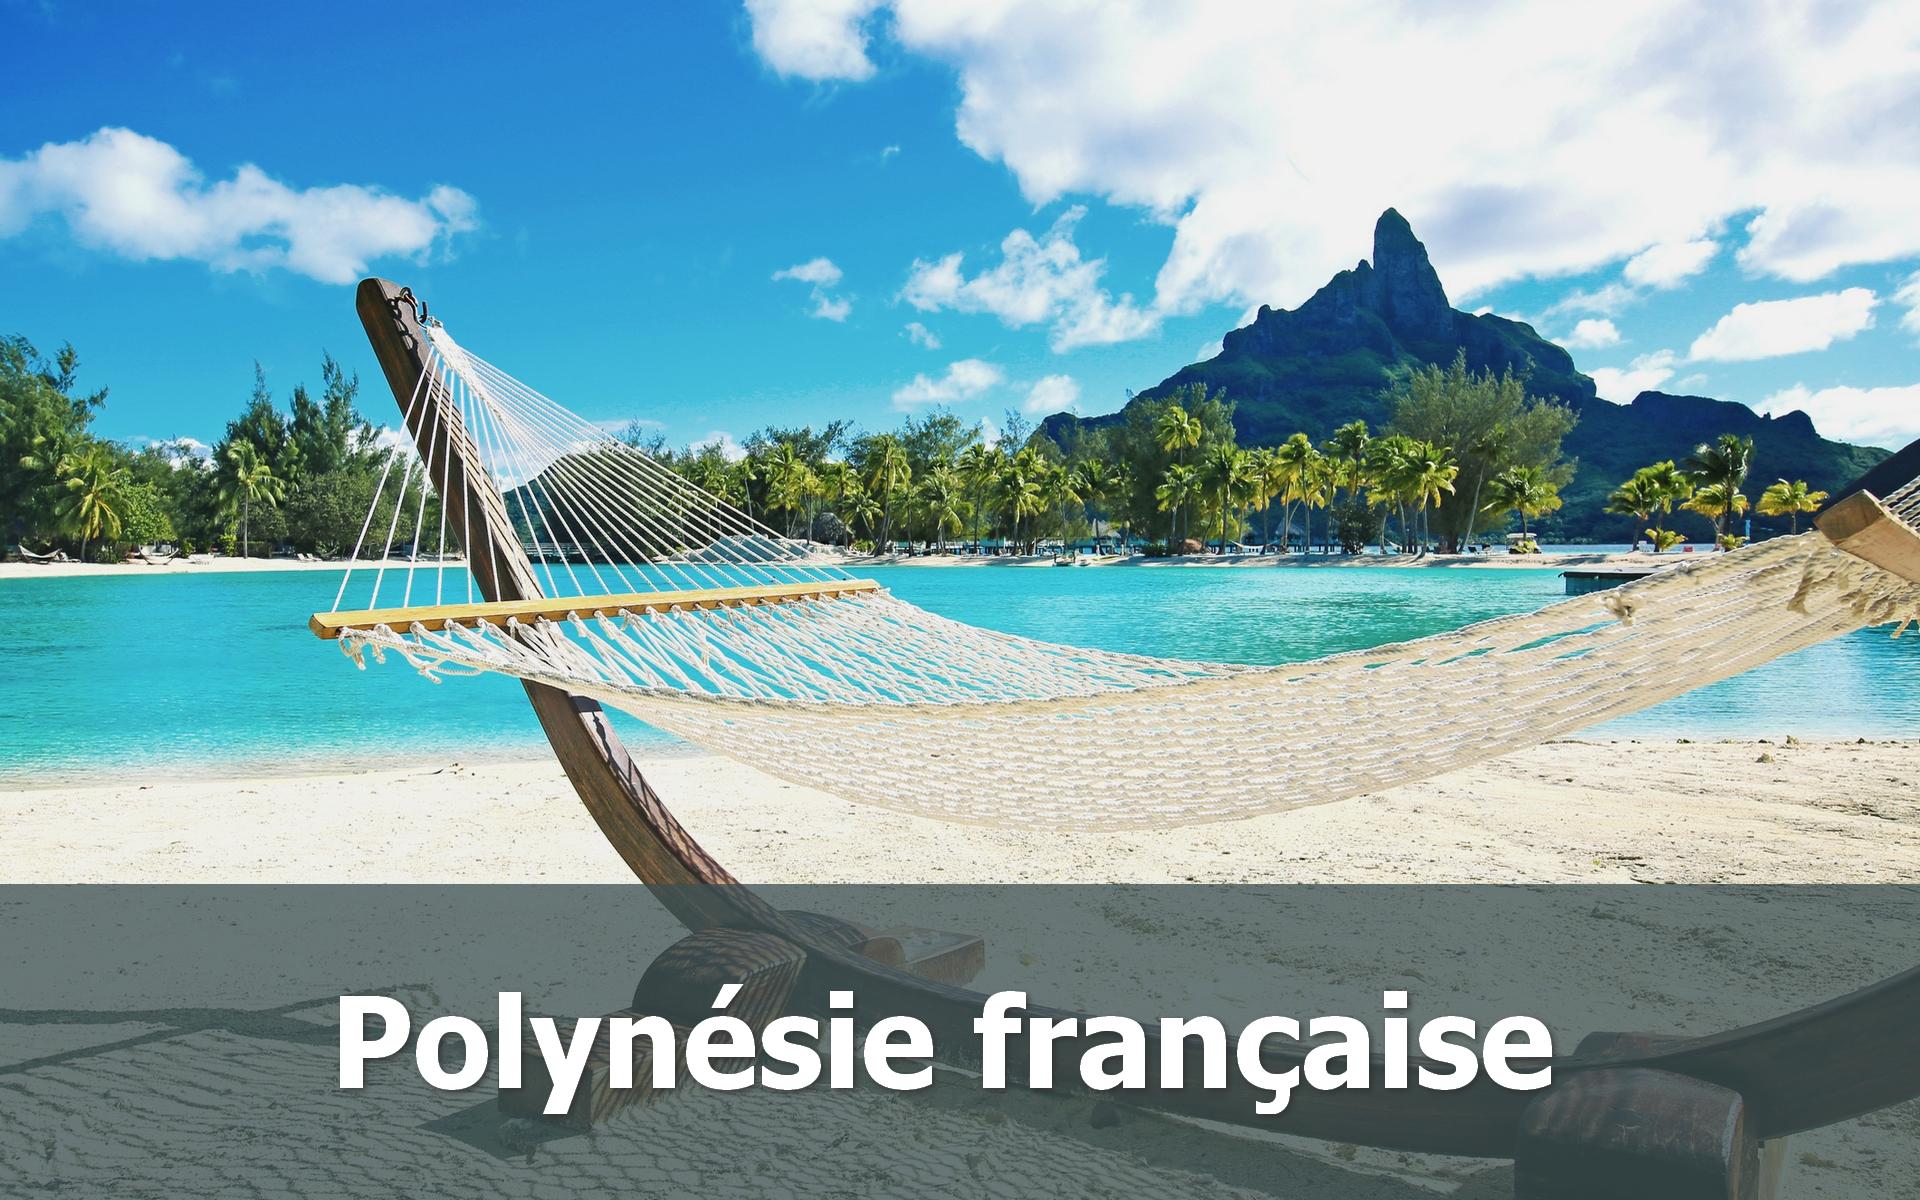 Voyage en Polyénsie française sur-mesure Bora Bora